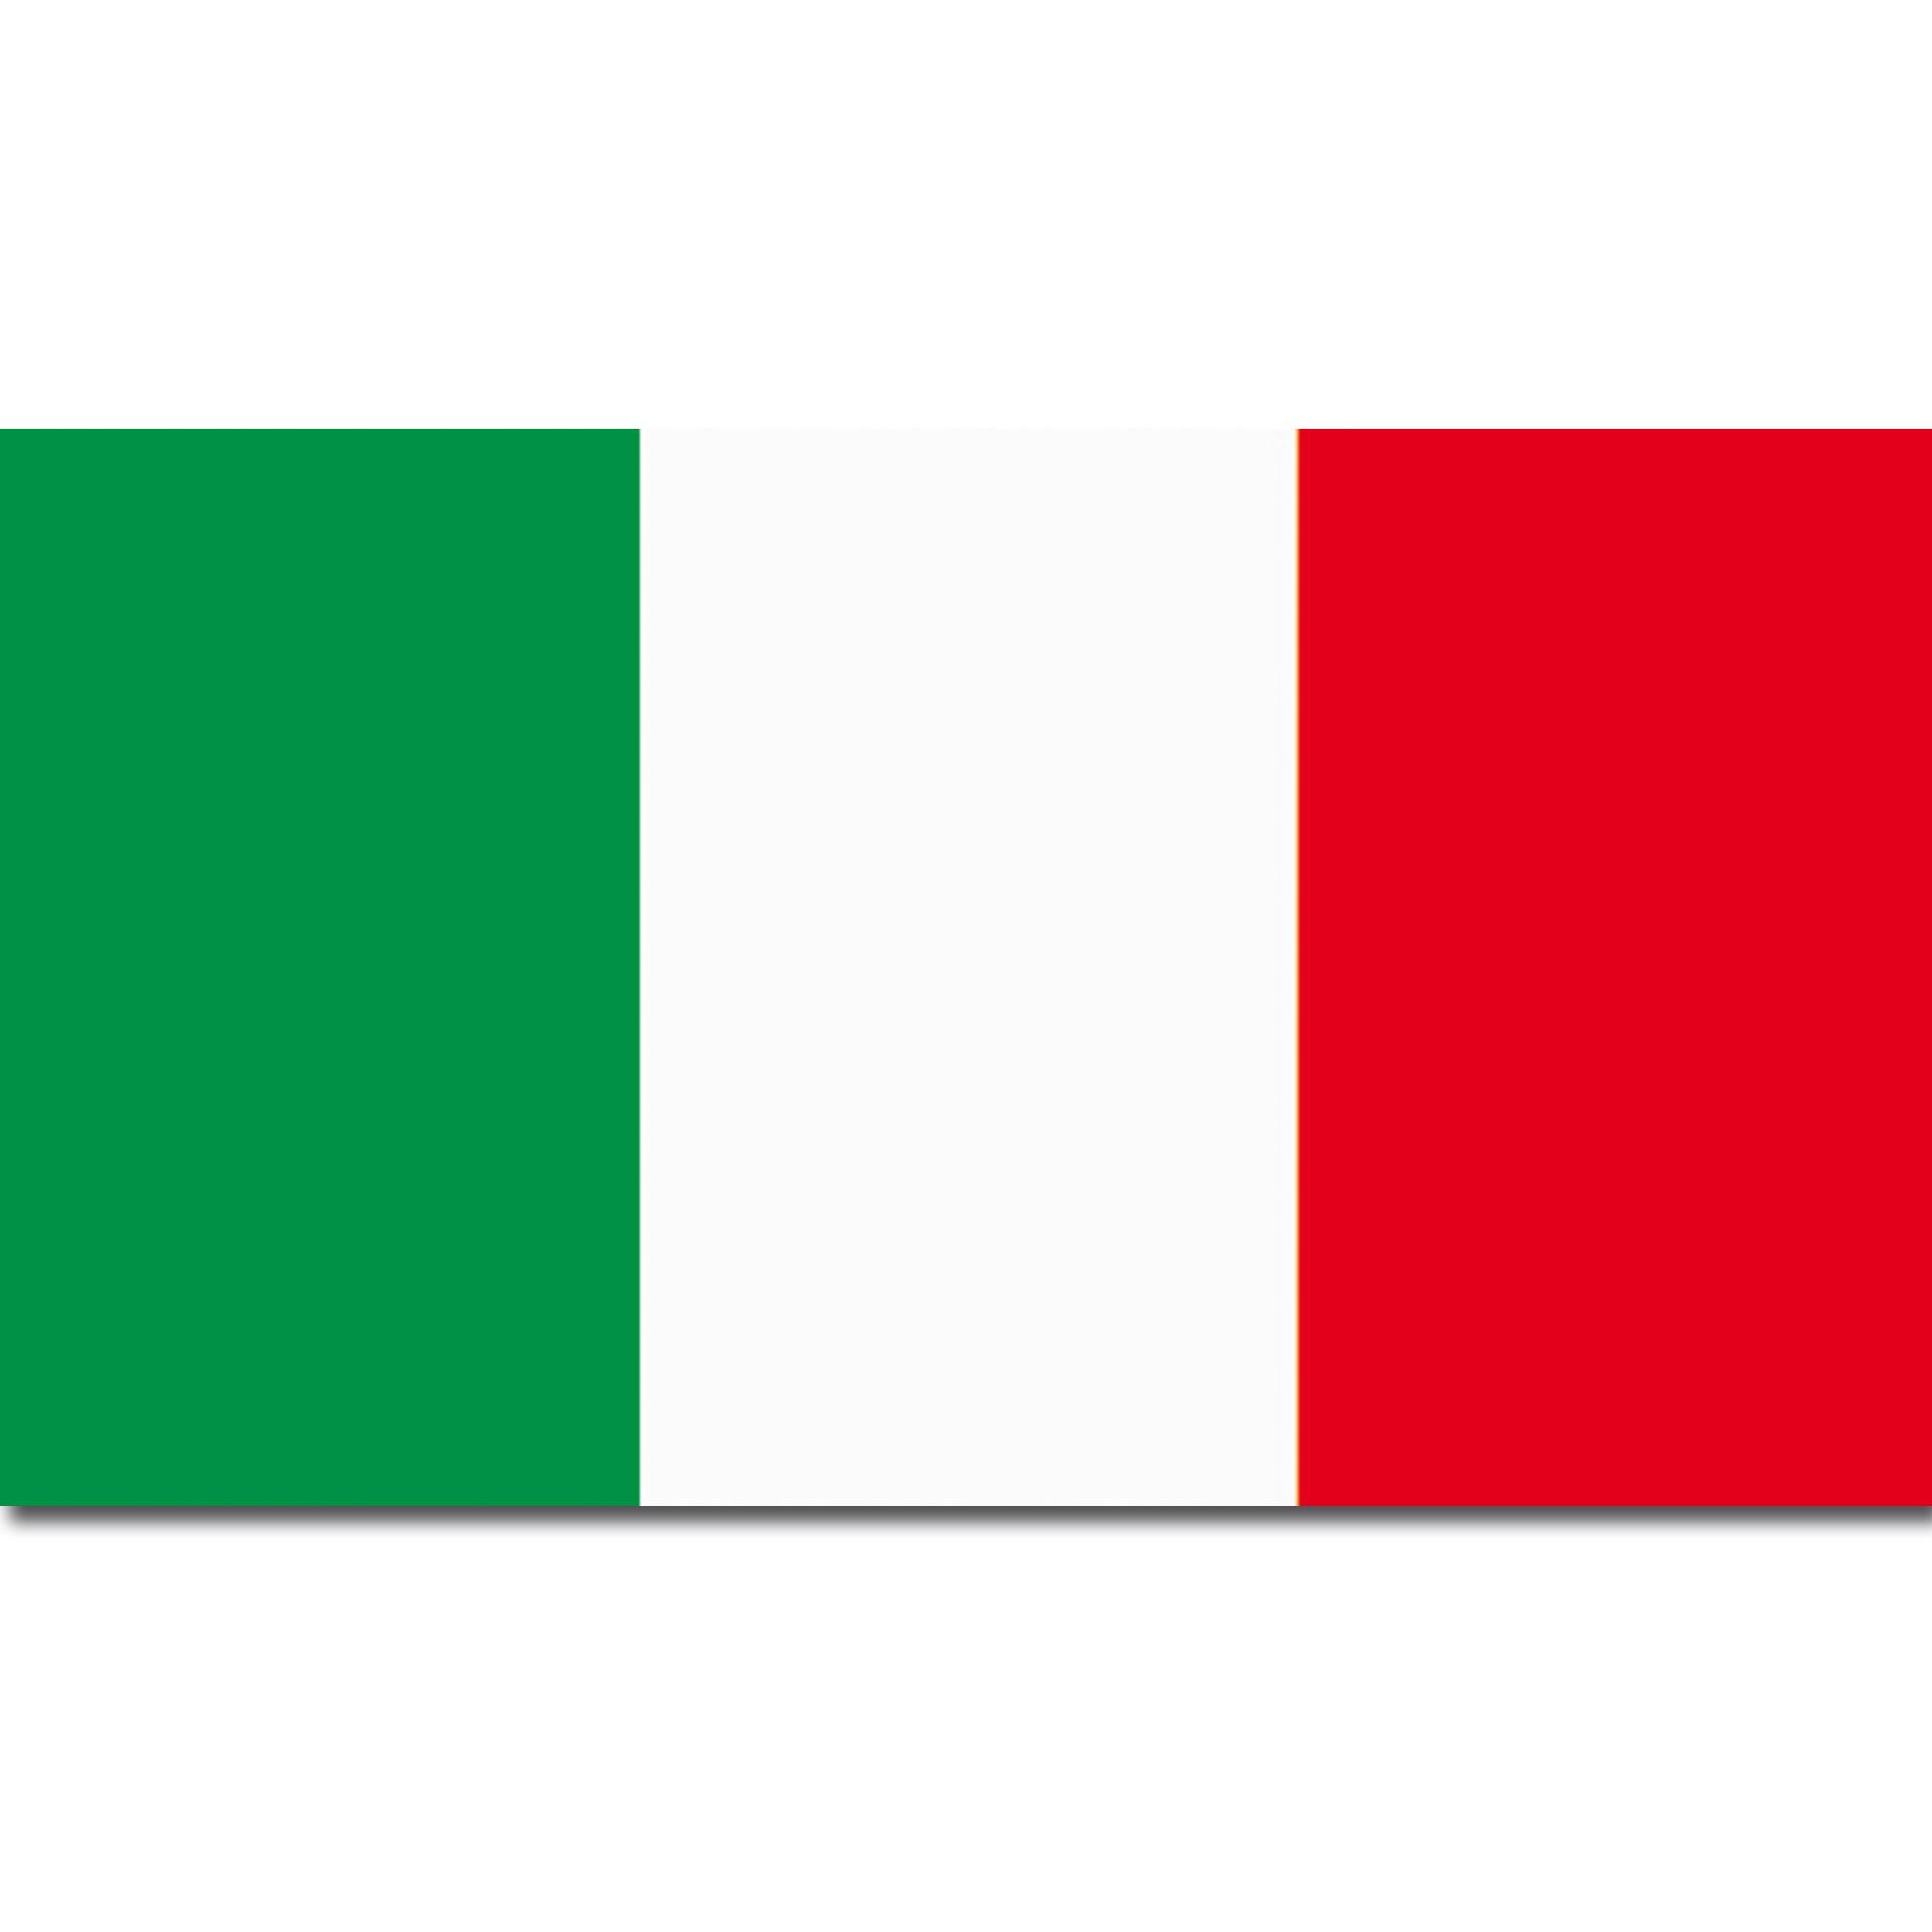 """Résultat de recherche d'images pour """"drapeau italie à copier coller site web"""""""